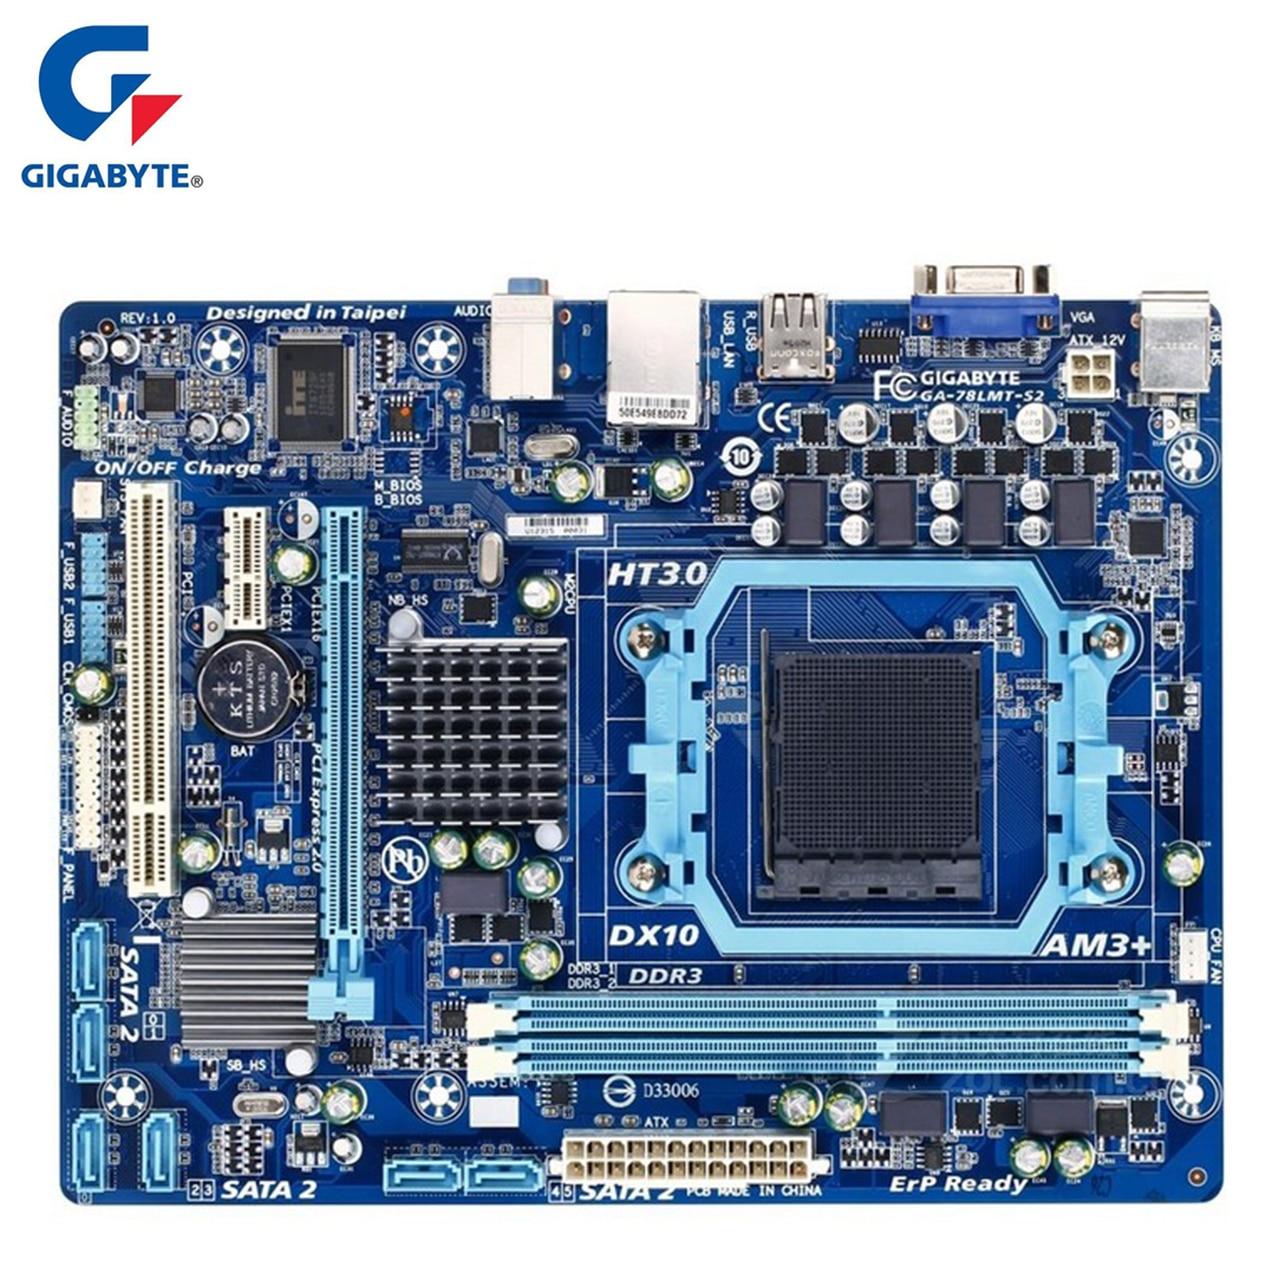 Интернет магазин товары для всей семьи HTB1MZuZXN2rK1RkSnhJq6ykdpXaa Разъем AM3 +/AM3 для AMD DDR3 гигабайт GA-78LMT-S2 материнская плата 760G DDR3 USB2.0 16G 78LMT S2 настольная материнаская плата 78LMT-S2 используется